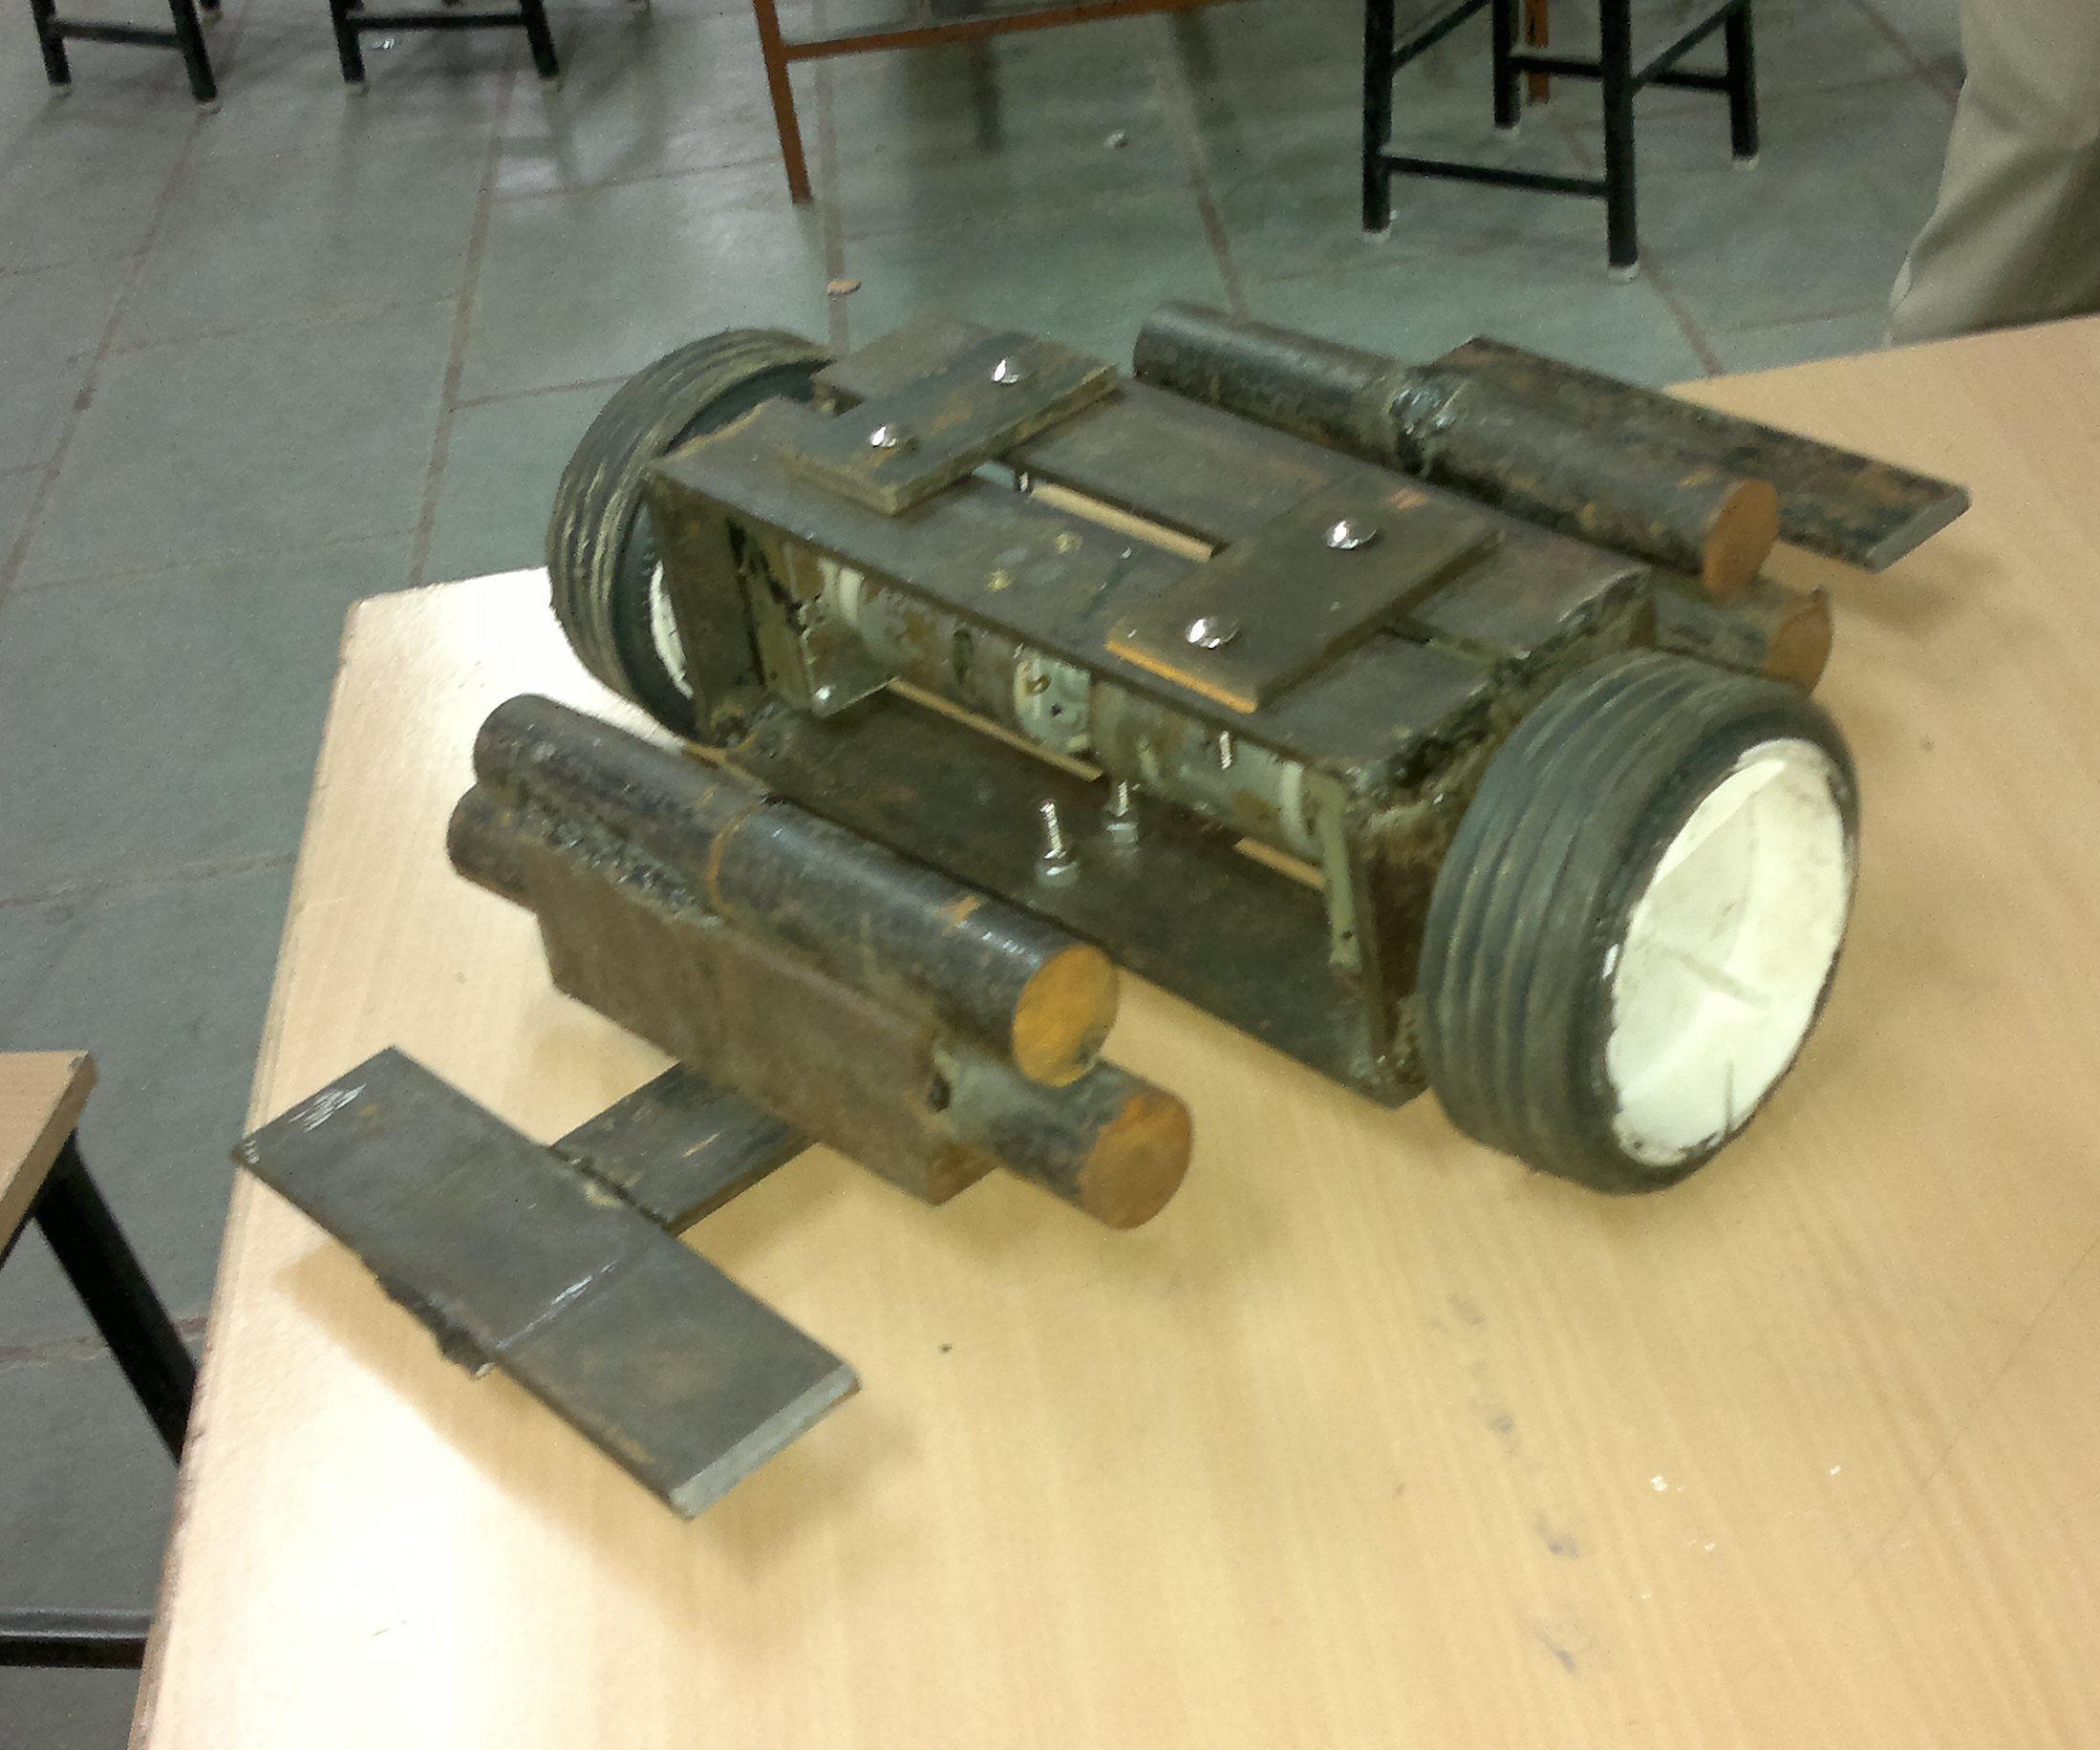 ROBOWAR ROBOT